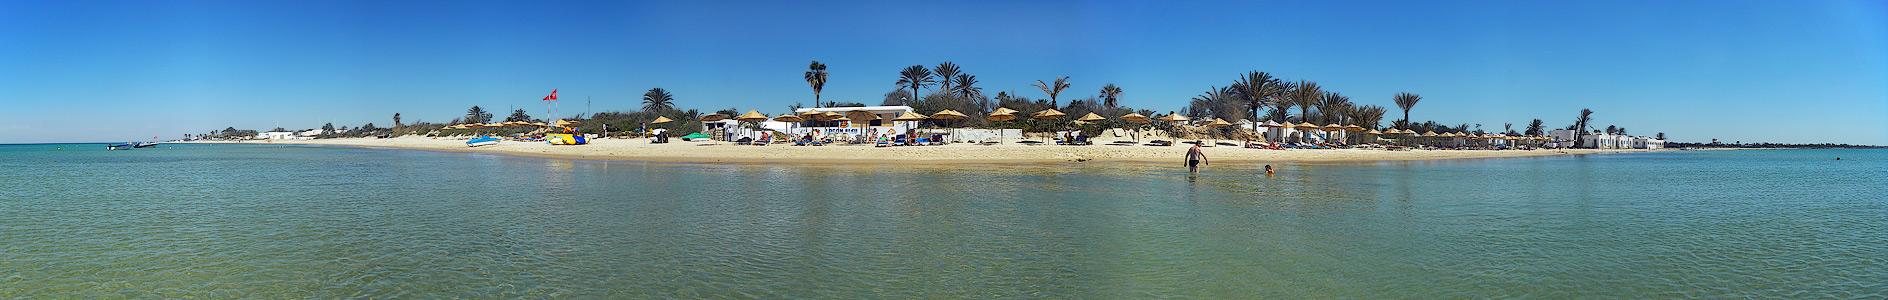 Tunesian Beach